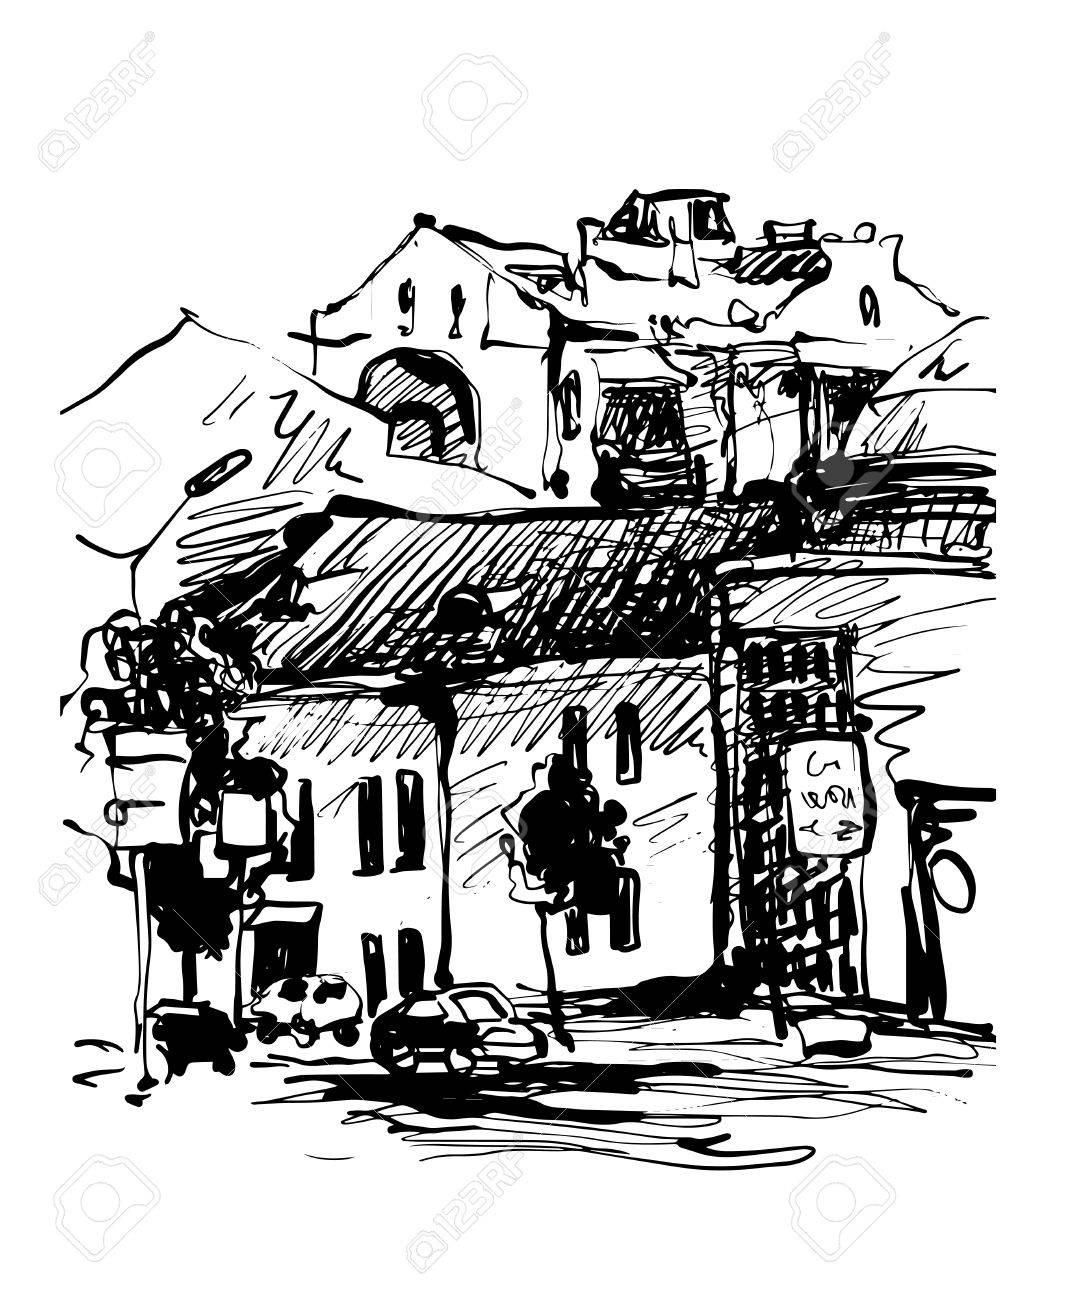 Originale Croquis Noir Et Blanc Numérique De Kiev En Ukraine Ville Paysage Pleinair Dessin Illustration Vectorielle